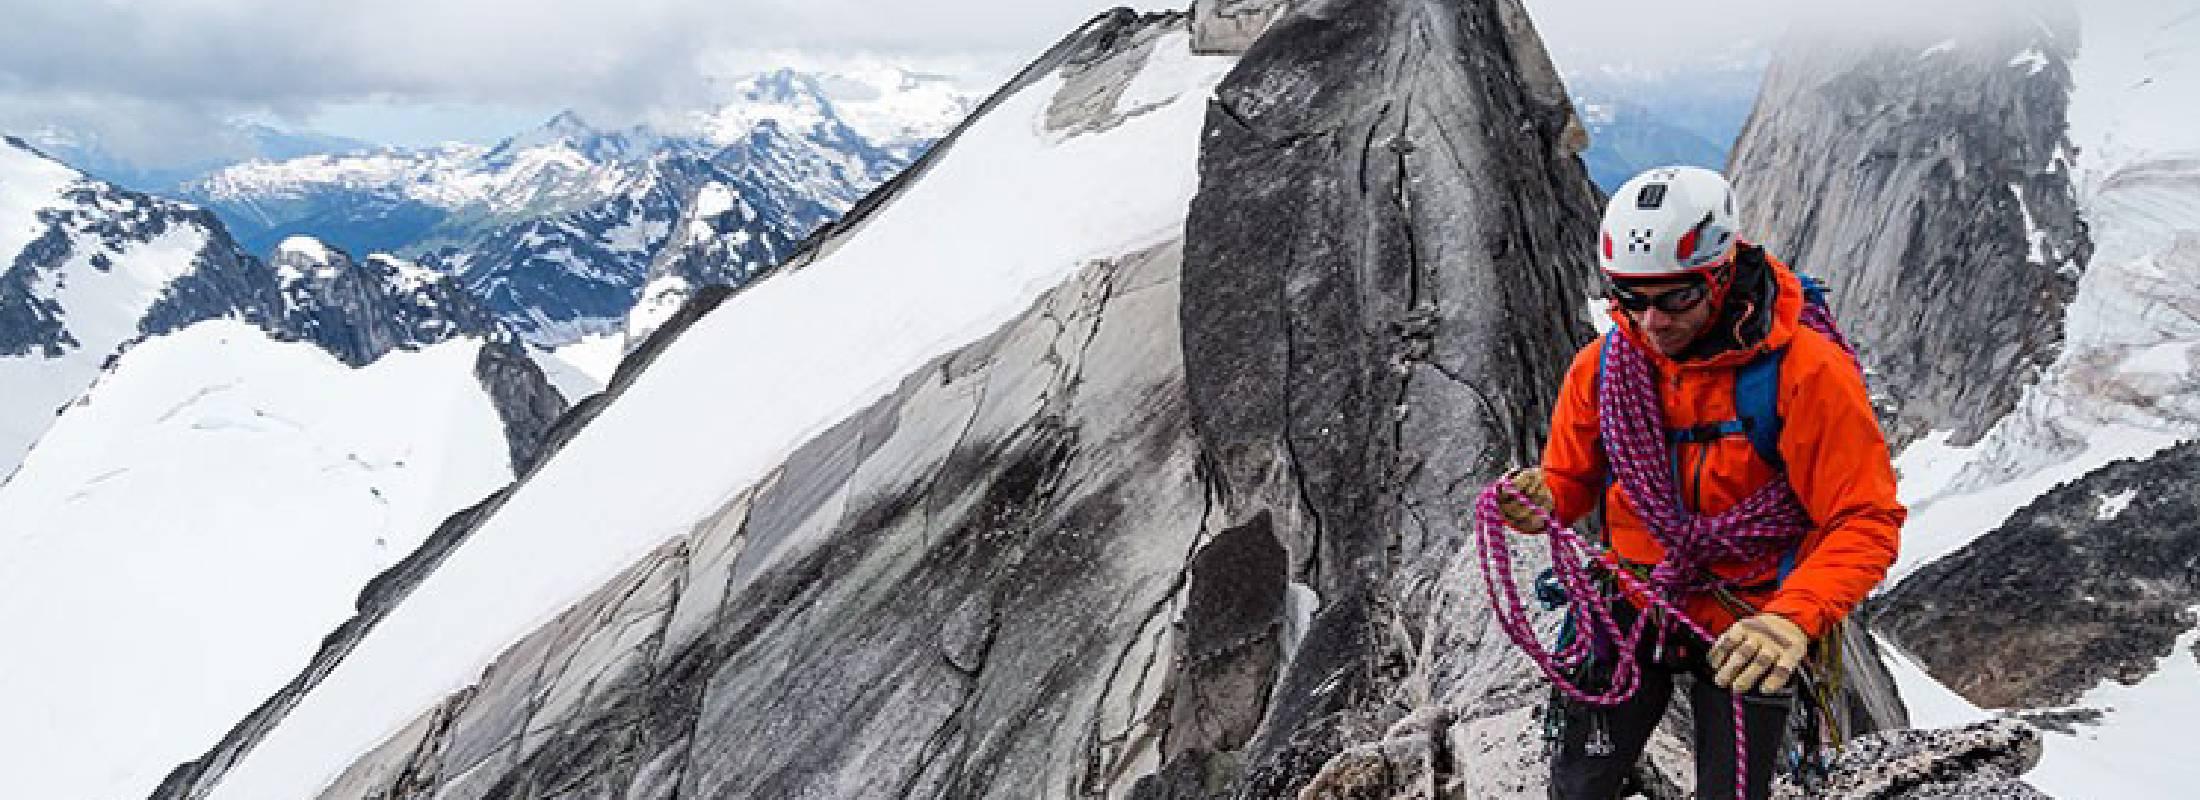 Escalada en roca en invierno